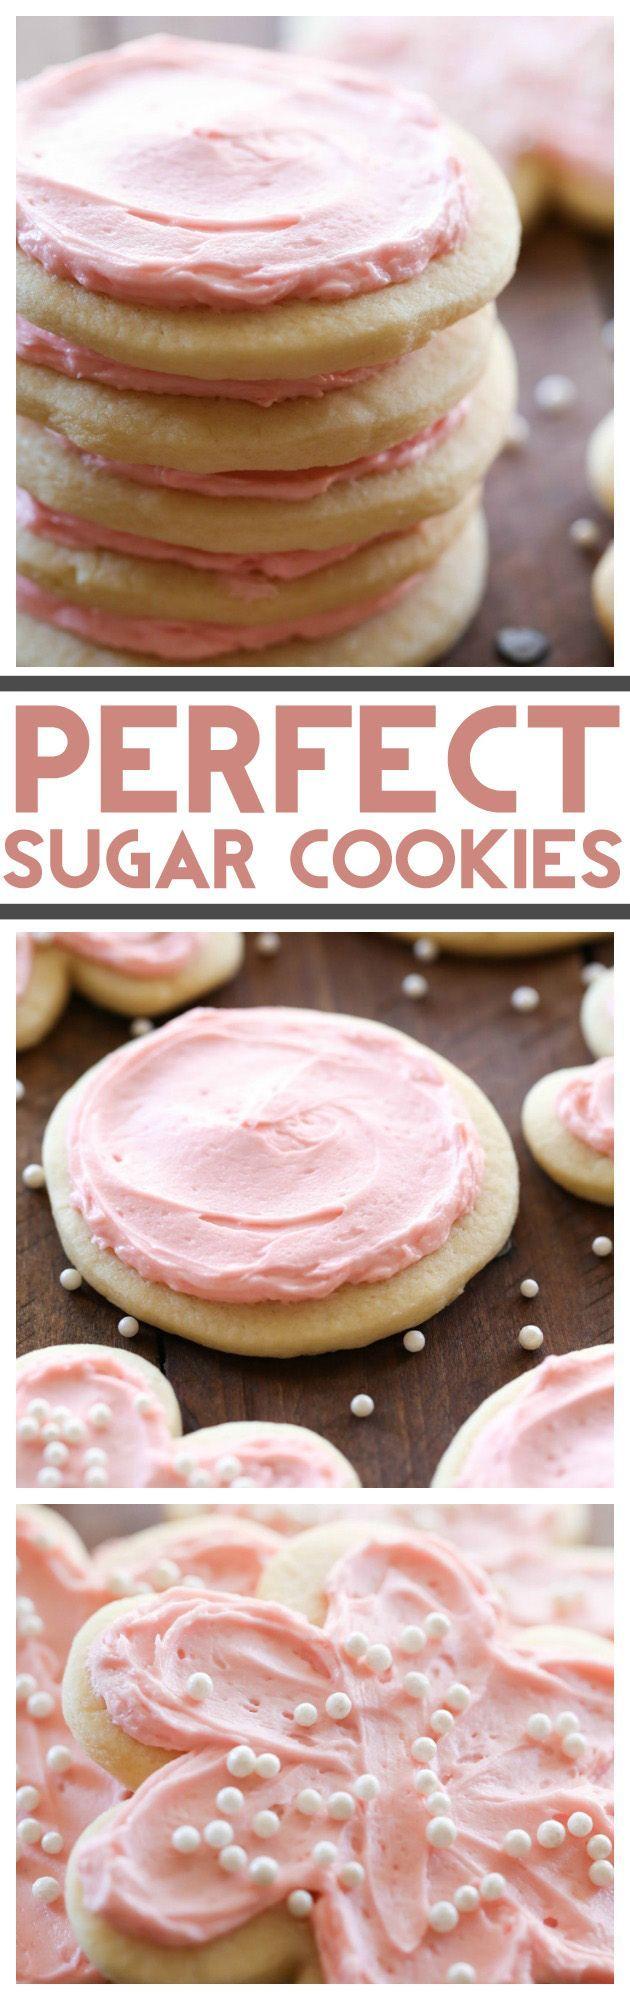 Perfect Sugar Cookies | Tastefulonly